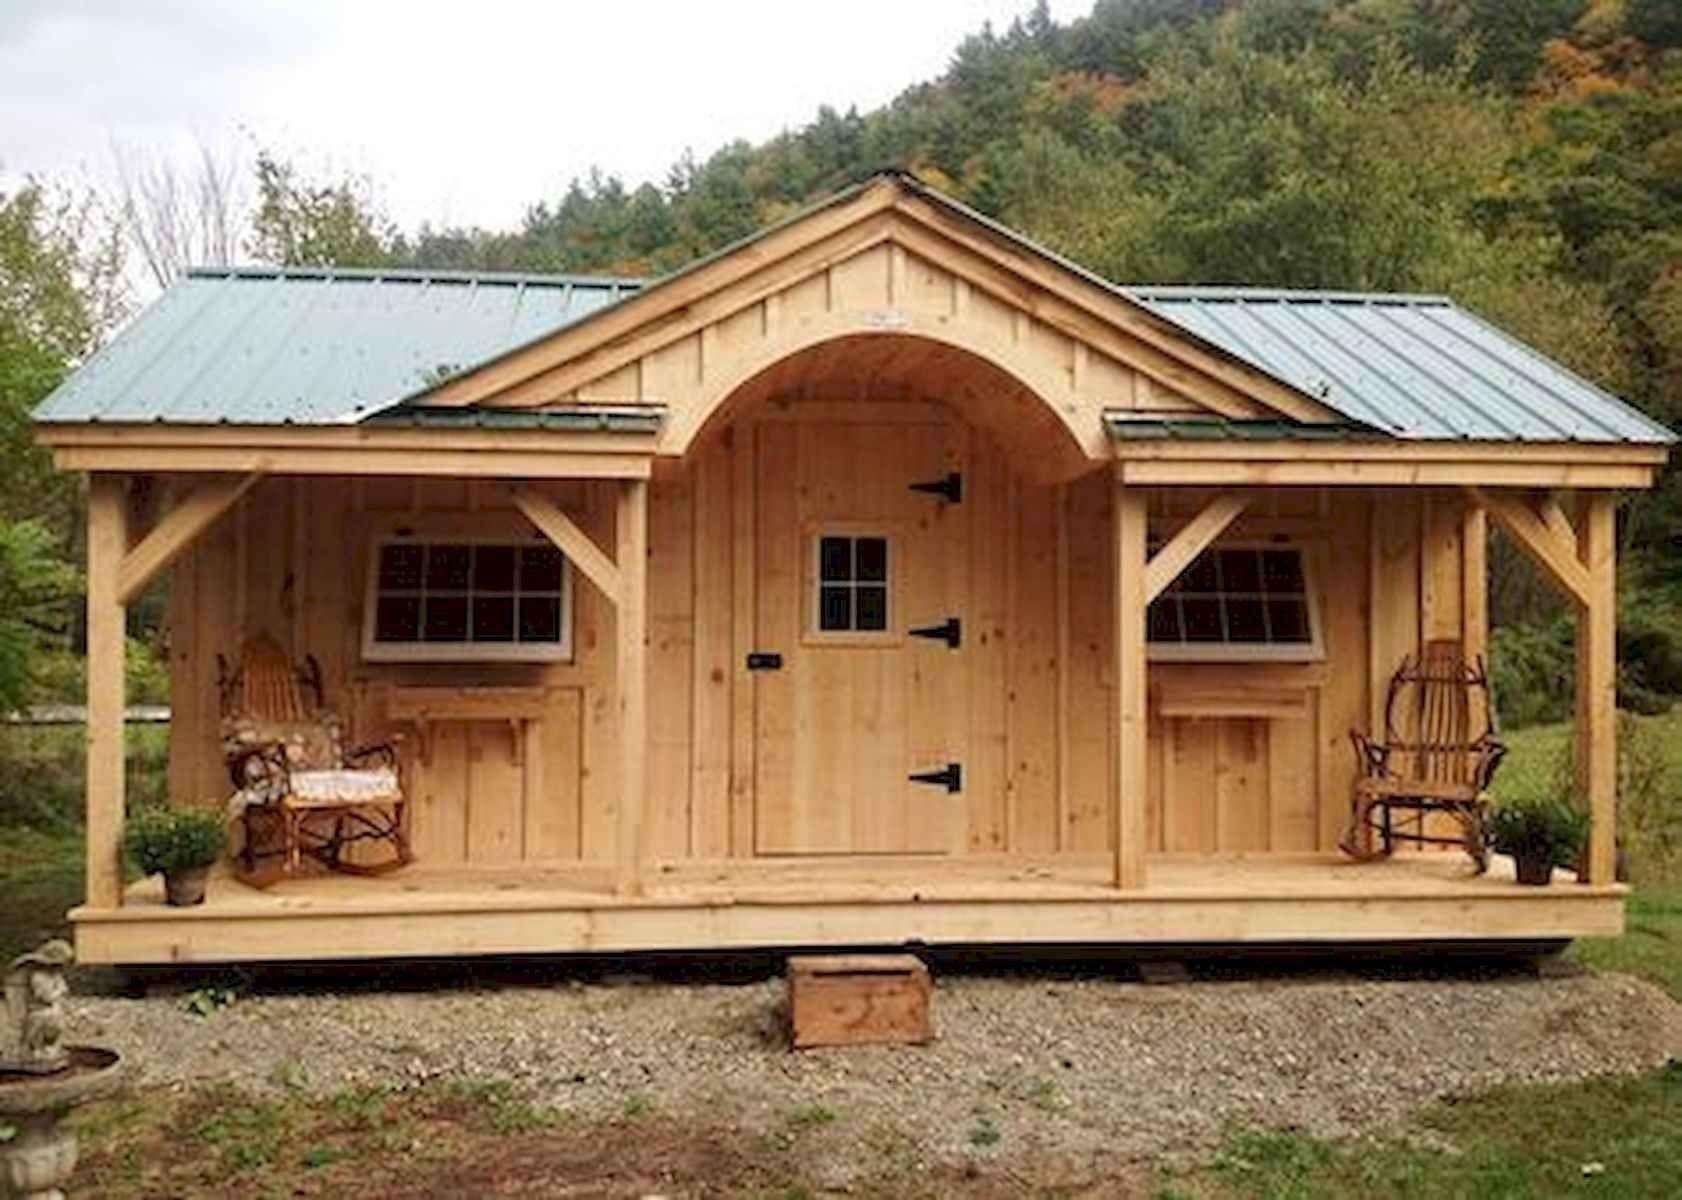 20x30 Cabin W Loft Plans Package Blueprints Material List 610373665753 Ebay Loft Floor Plans Cabin Plans With Loft Loft Plan